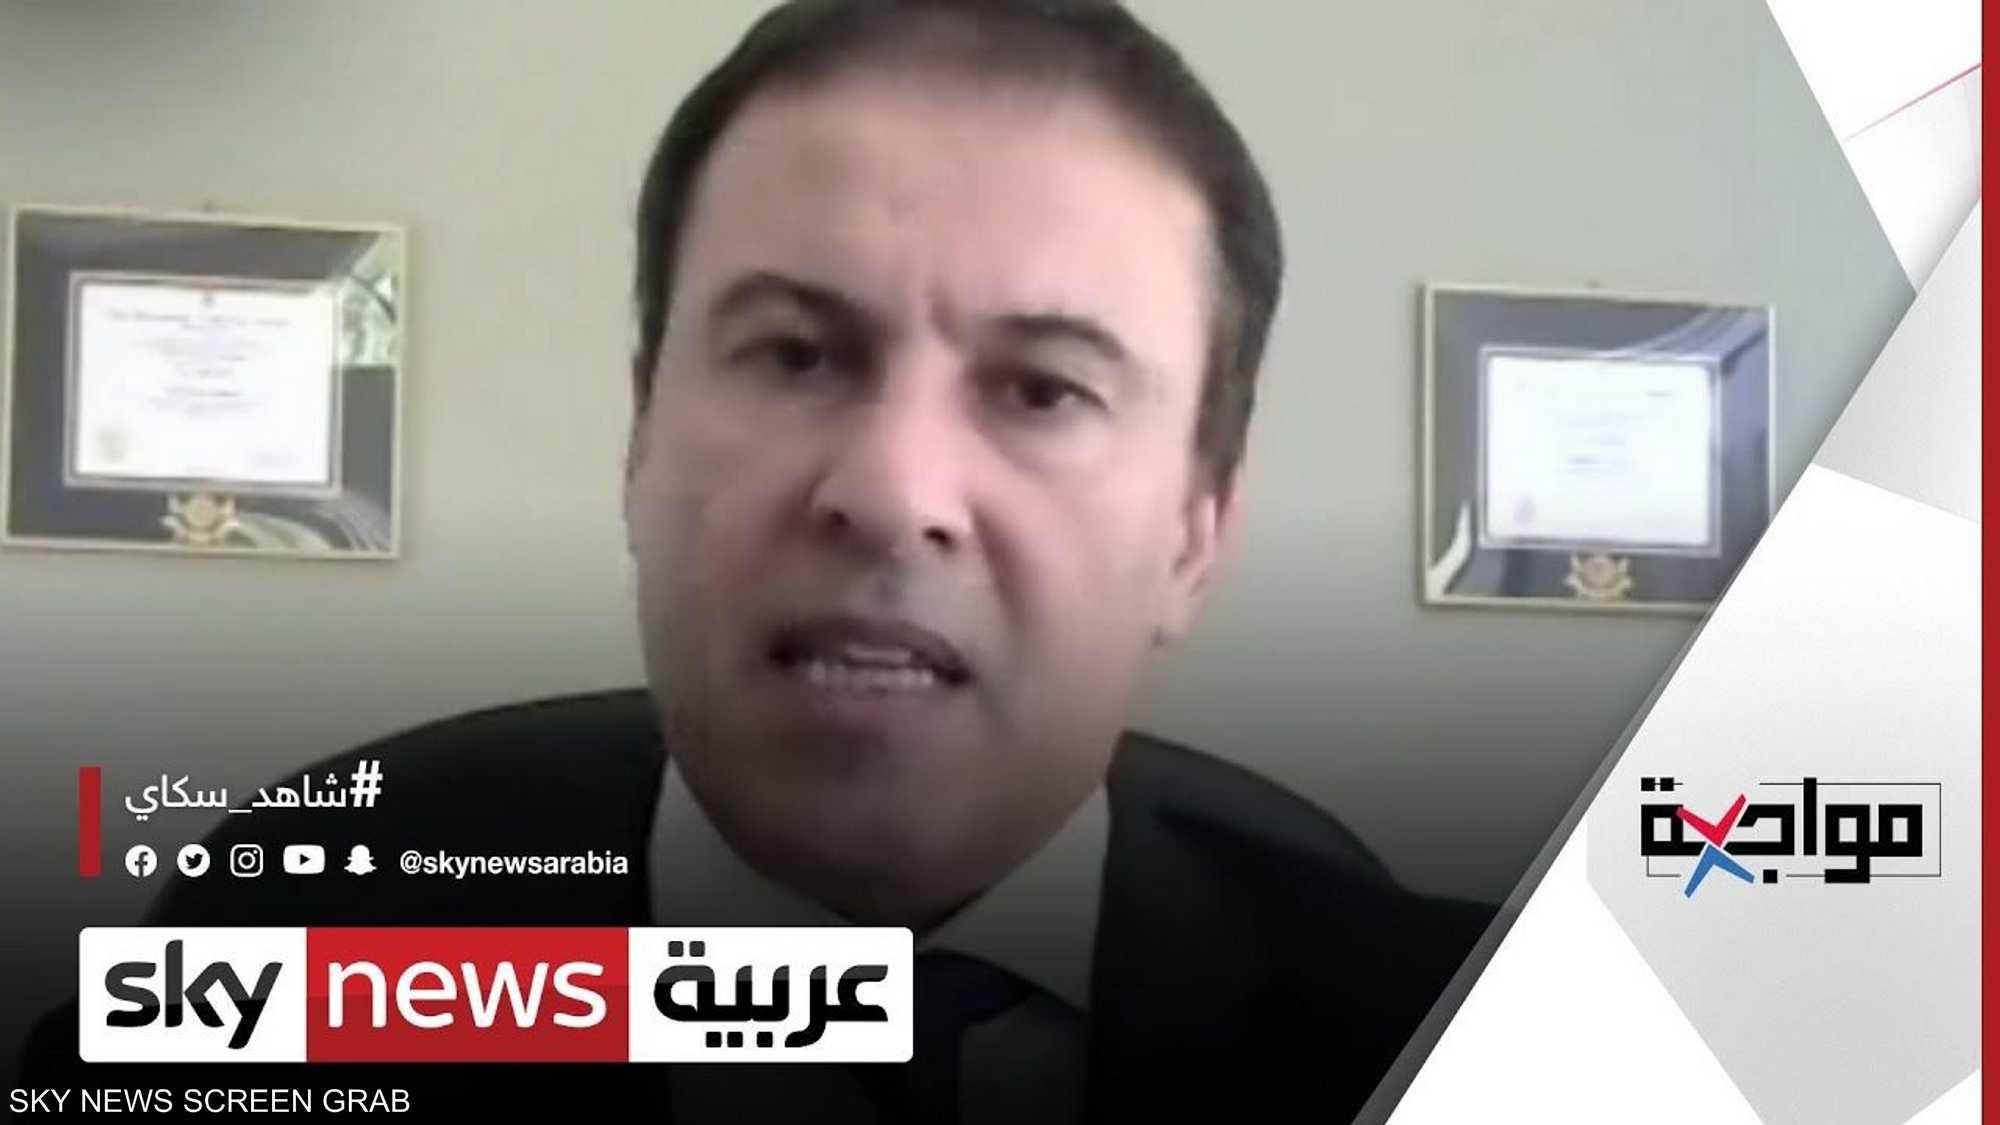 عضو المؤتمر الليبي العام سابقا عبد المنعم اليسير